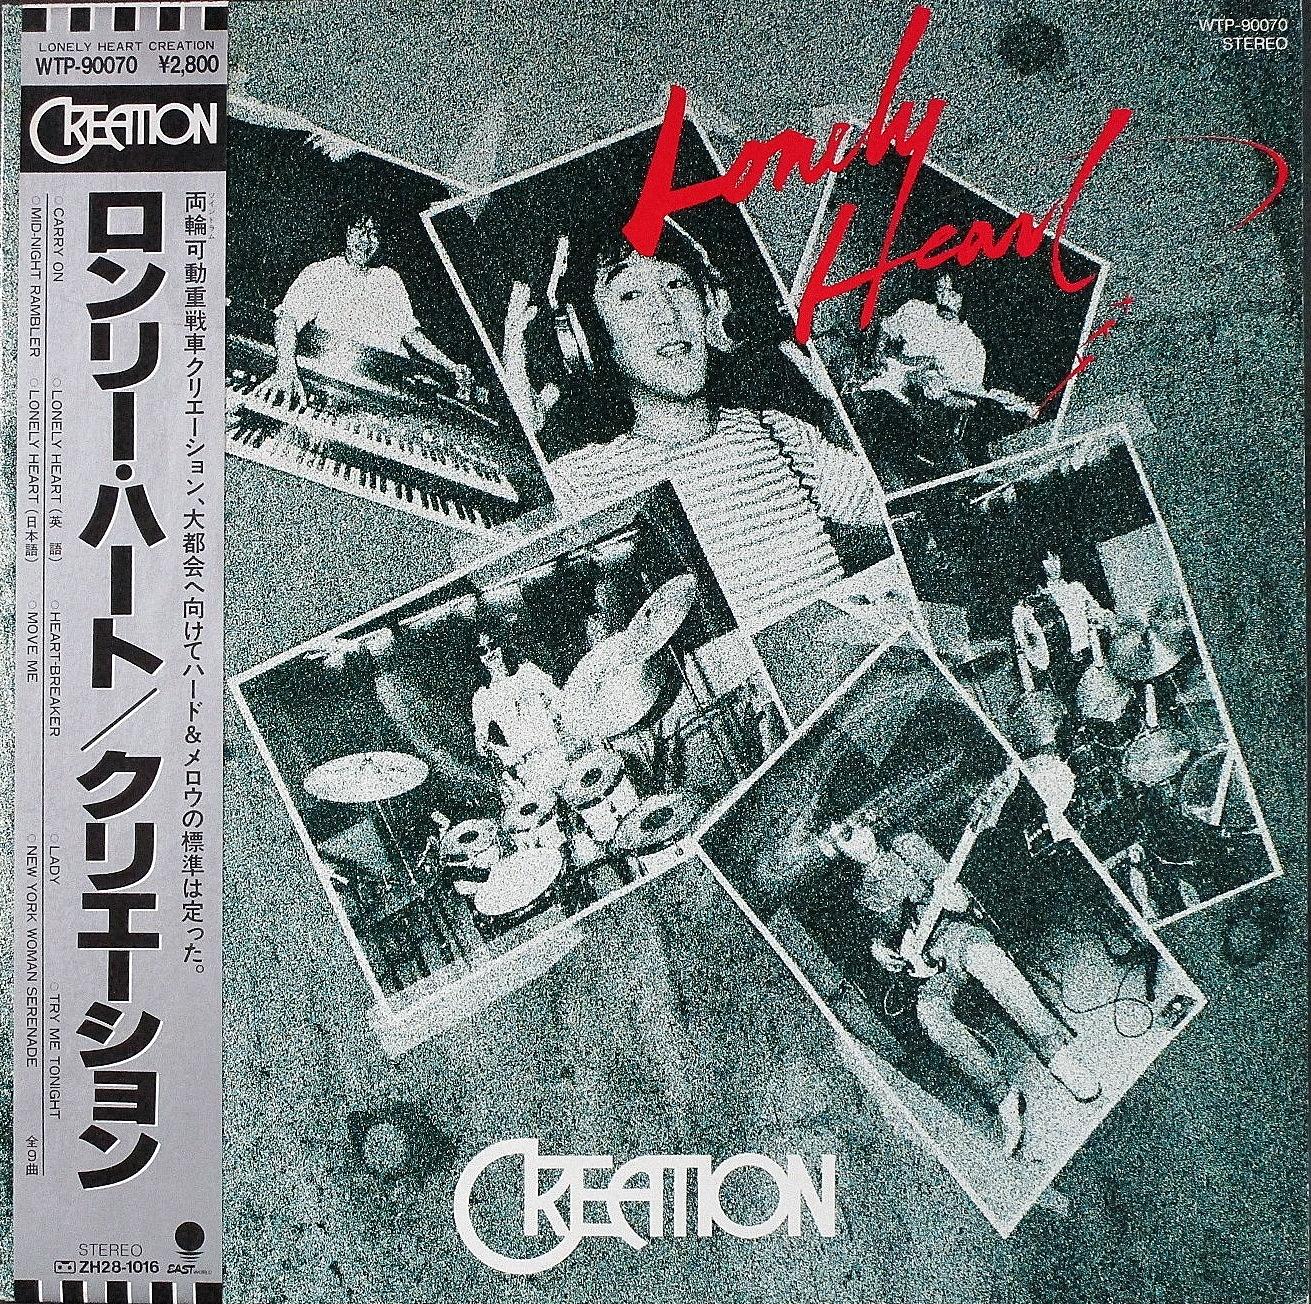 クリエイション Creation / ロンリー・ハート Lonely Heart